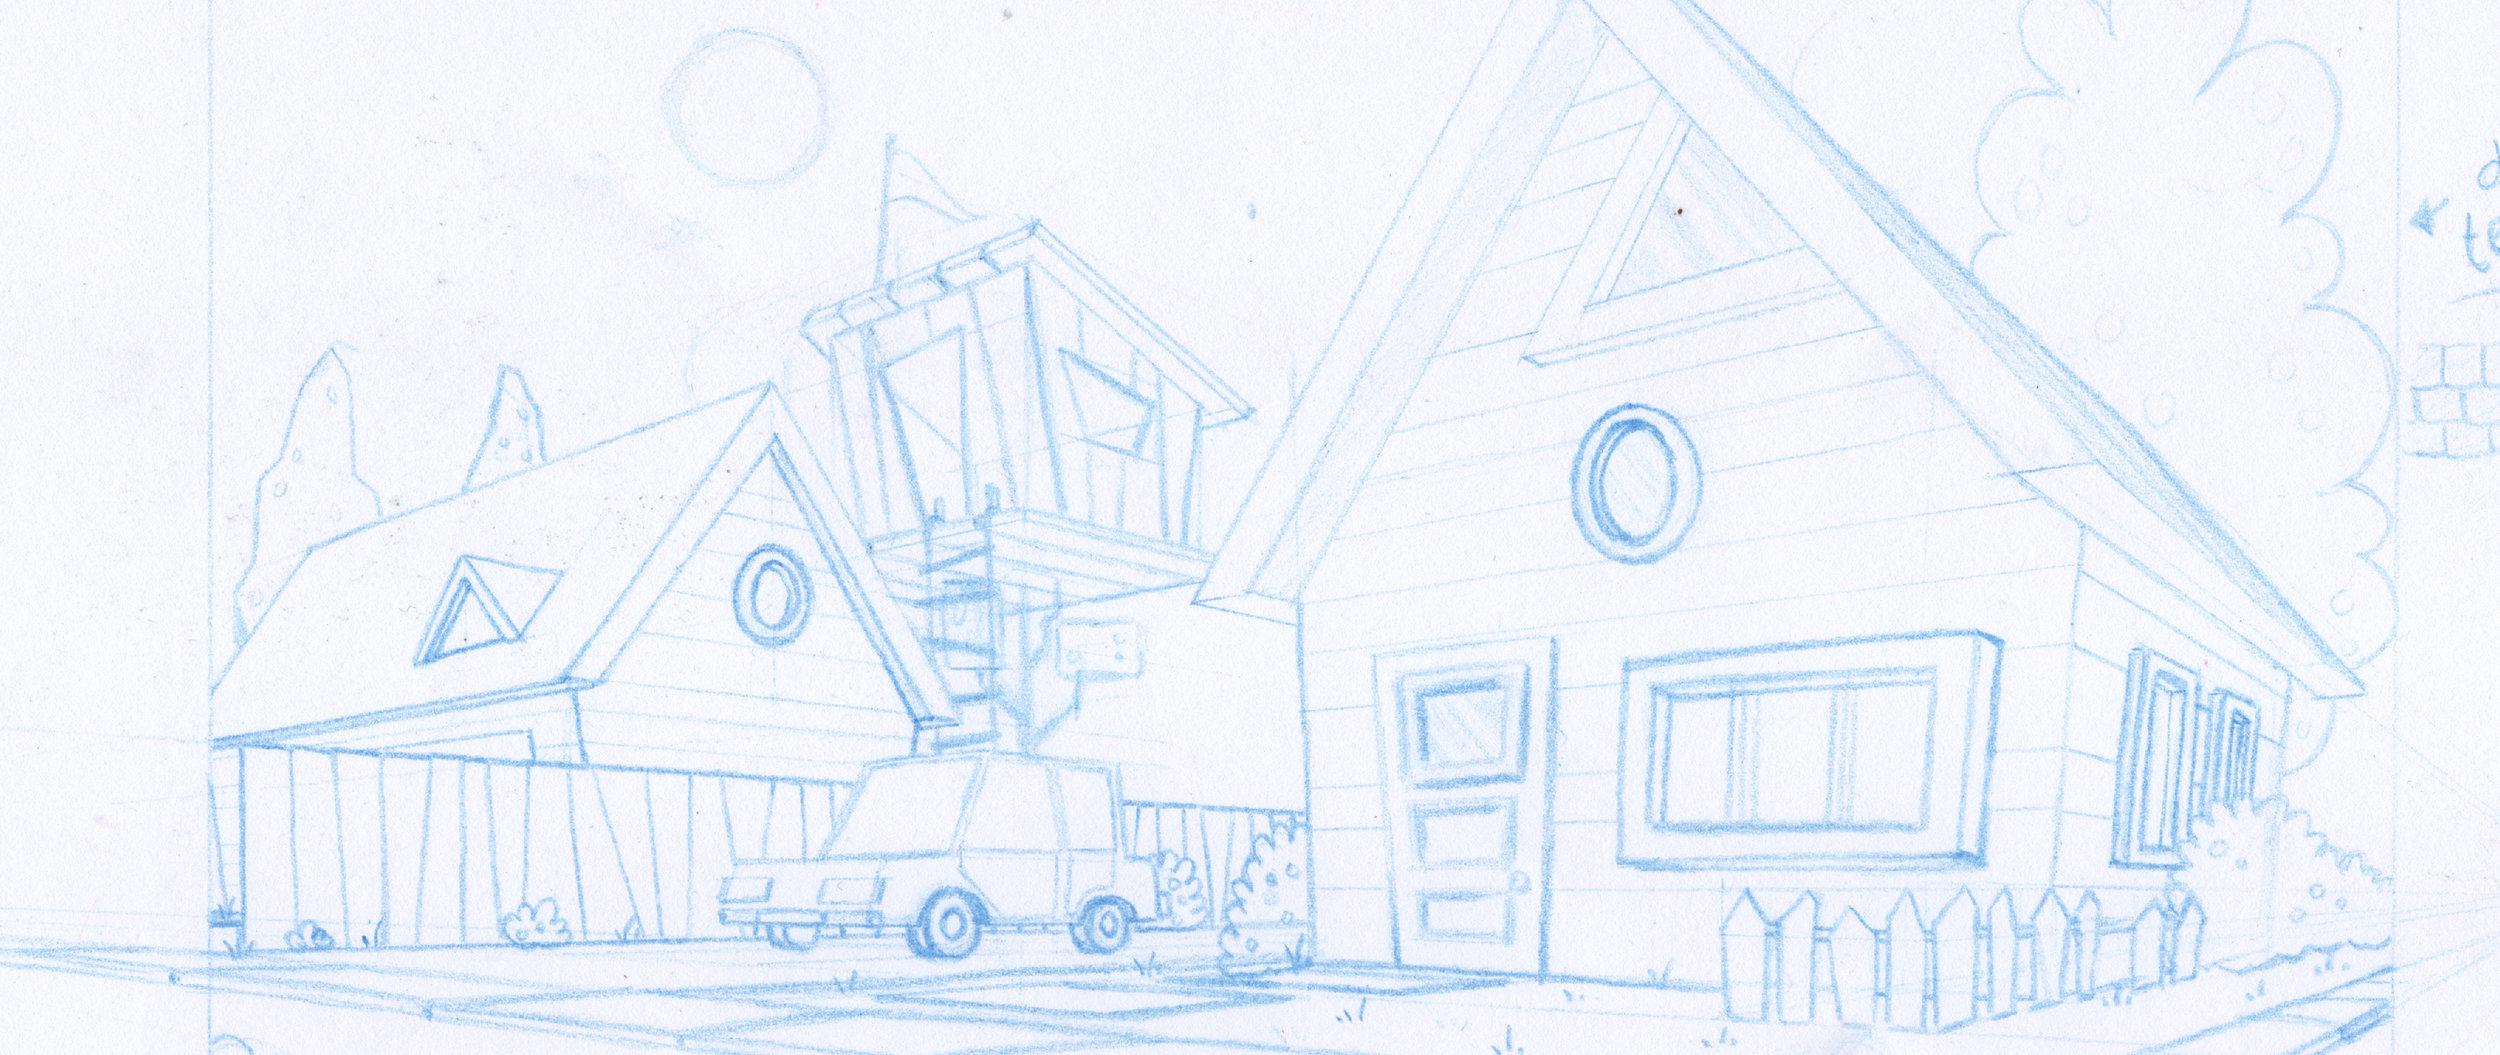 Neighborhood_Sketch.jpg